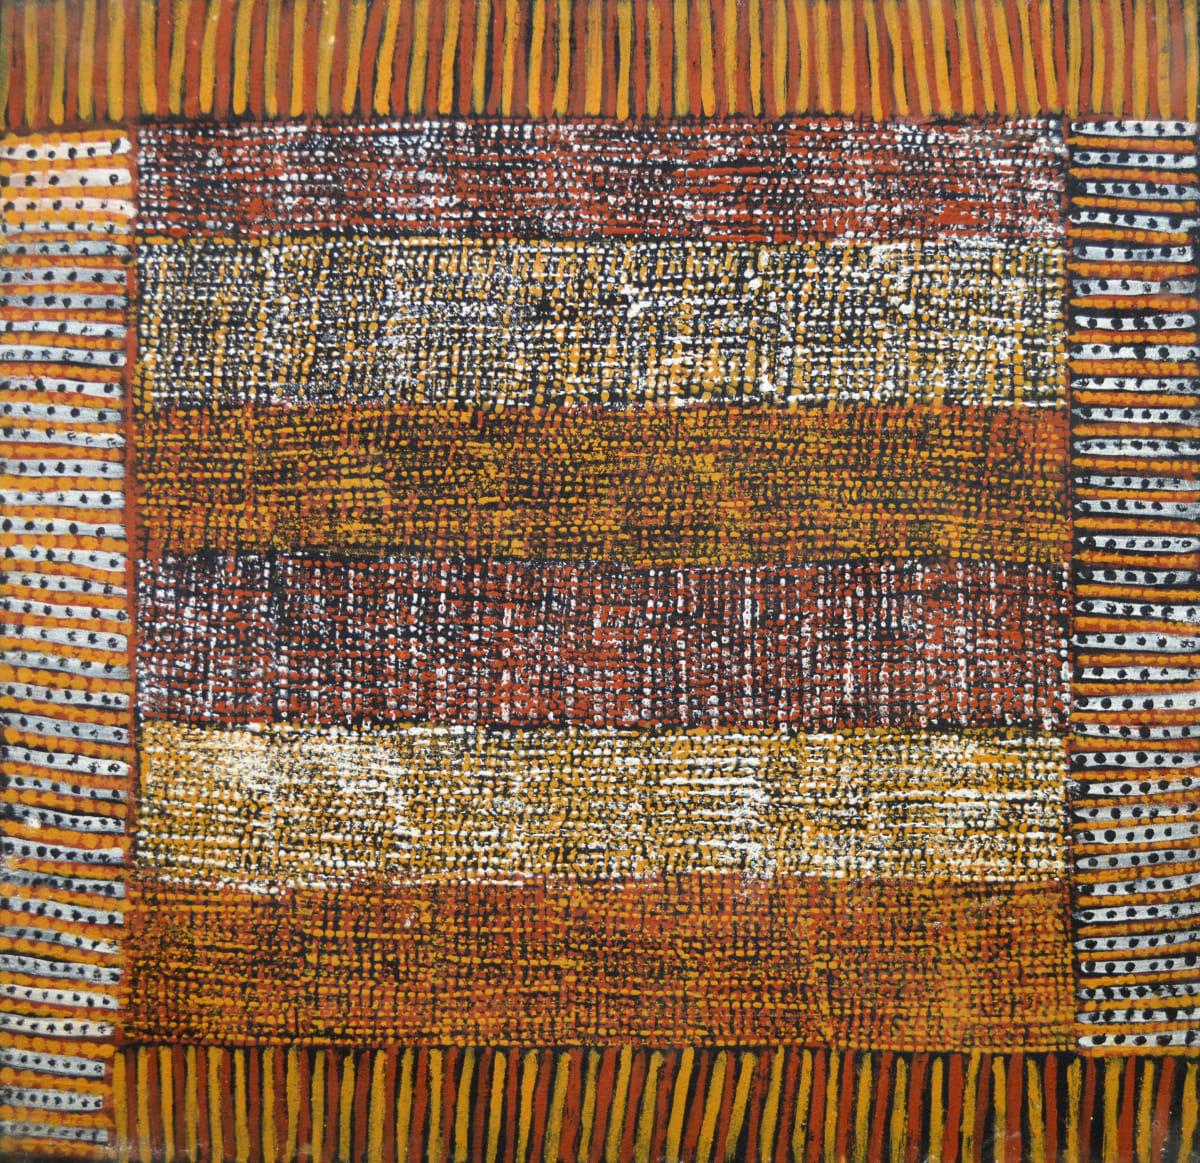 Kaye Brown Jilamara natural ochres on canvas 60 x 60 cm